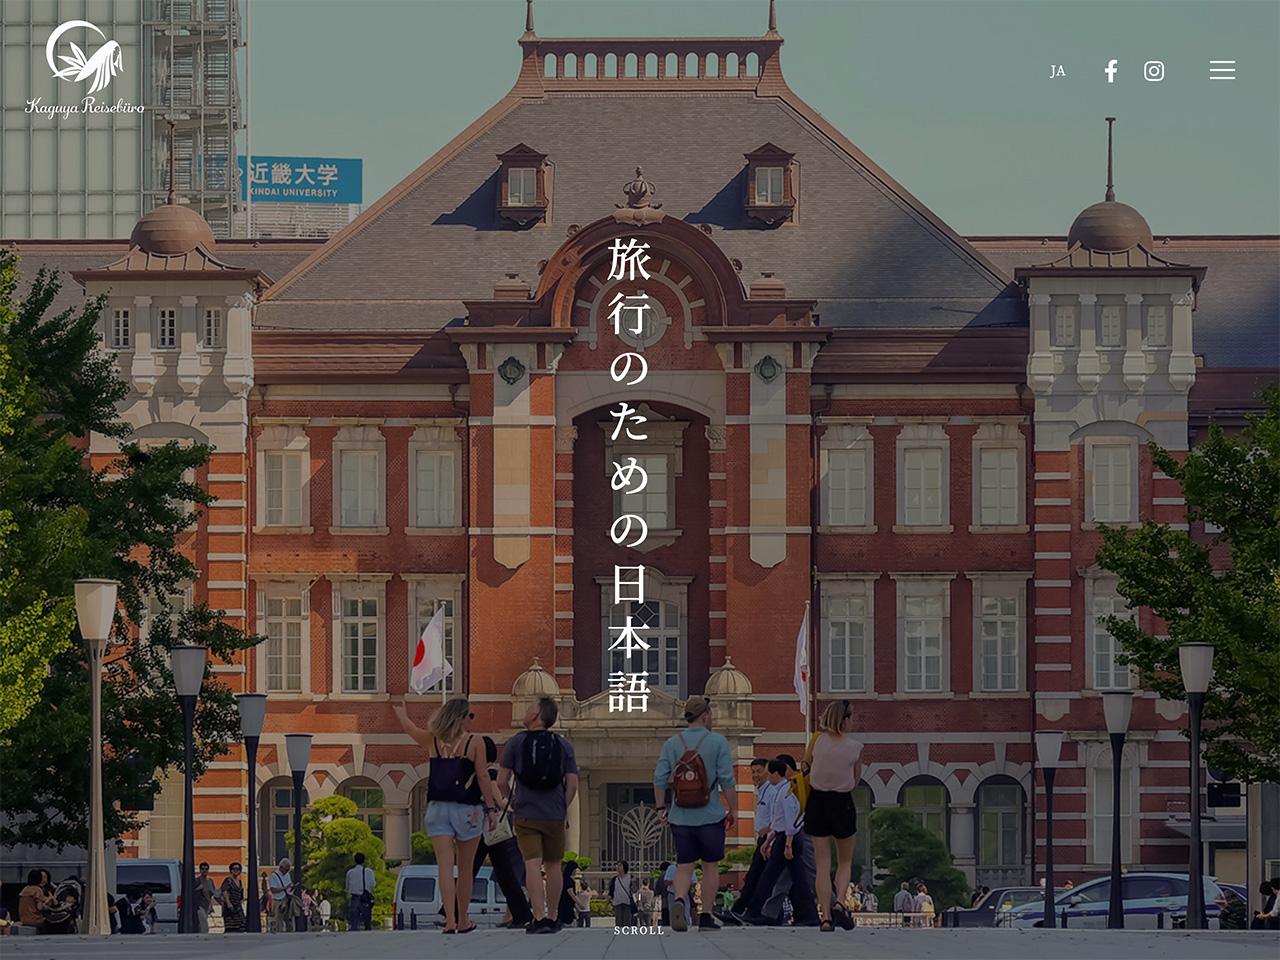 Kaguya Reisebüro